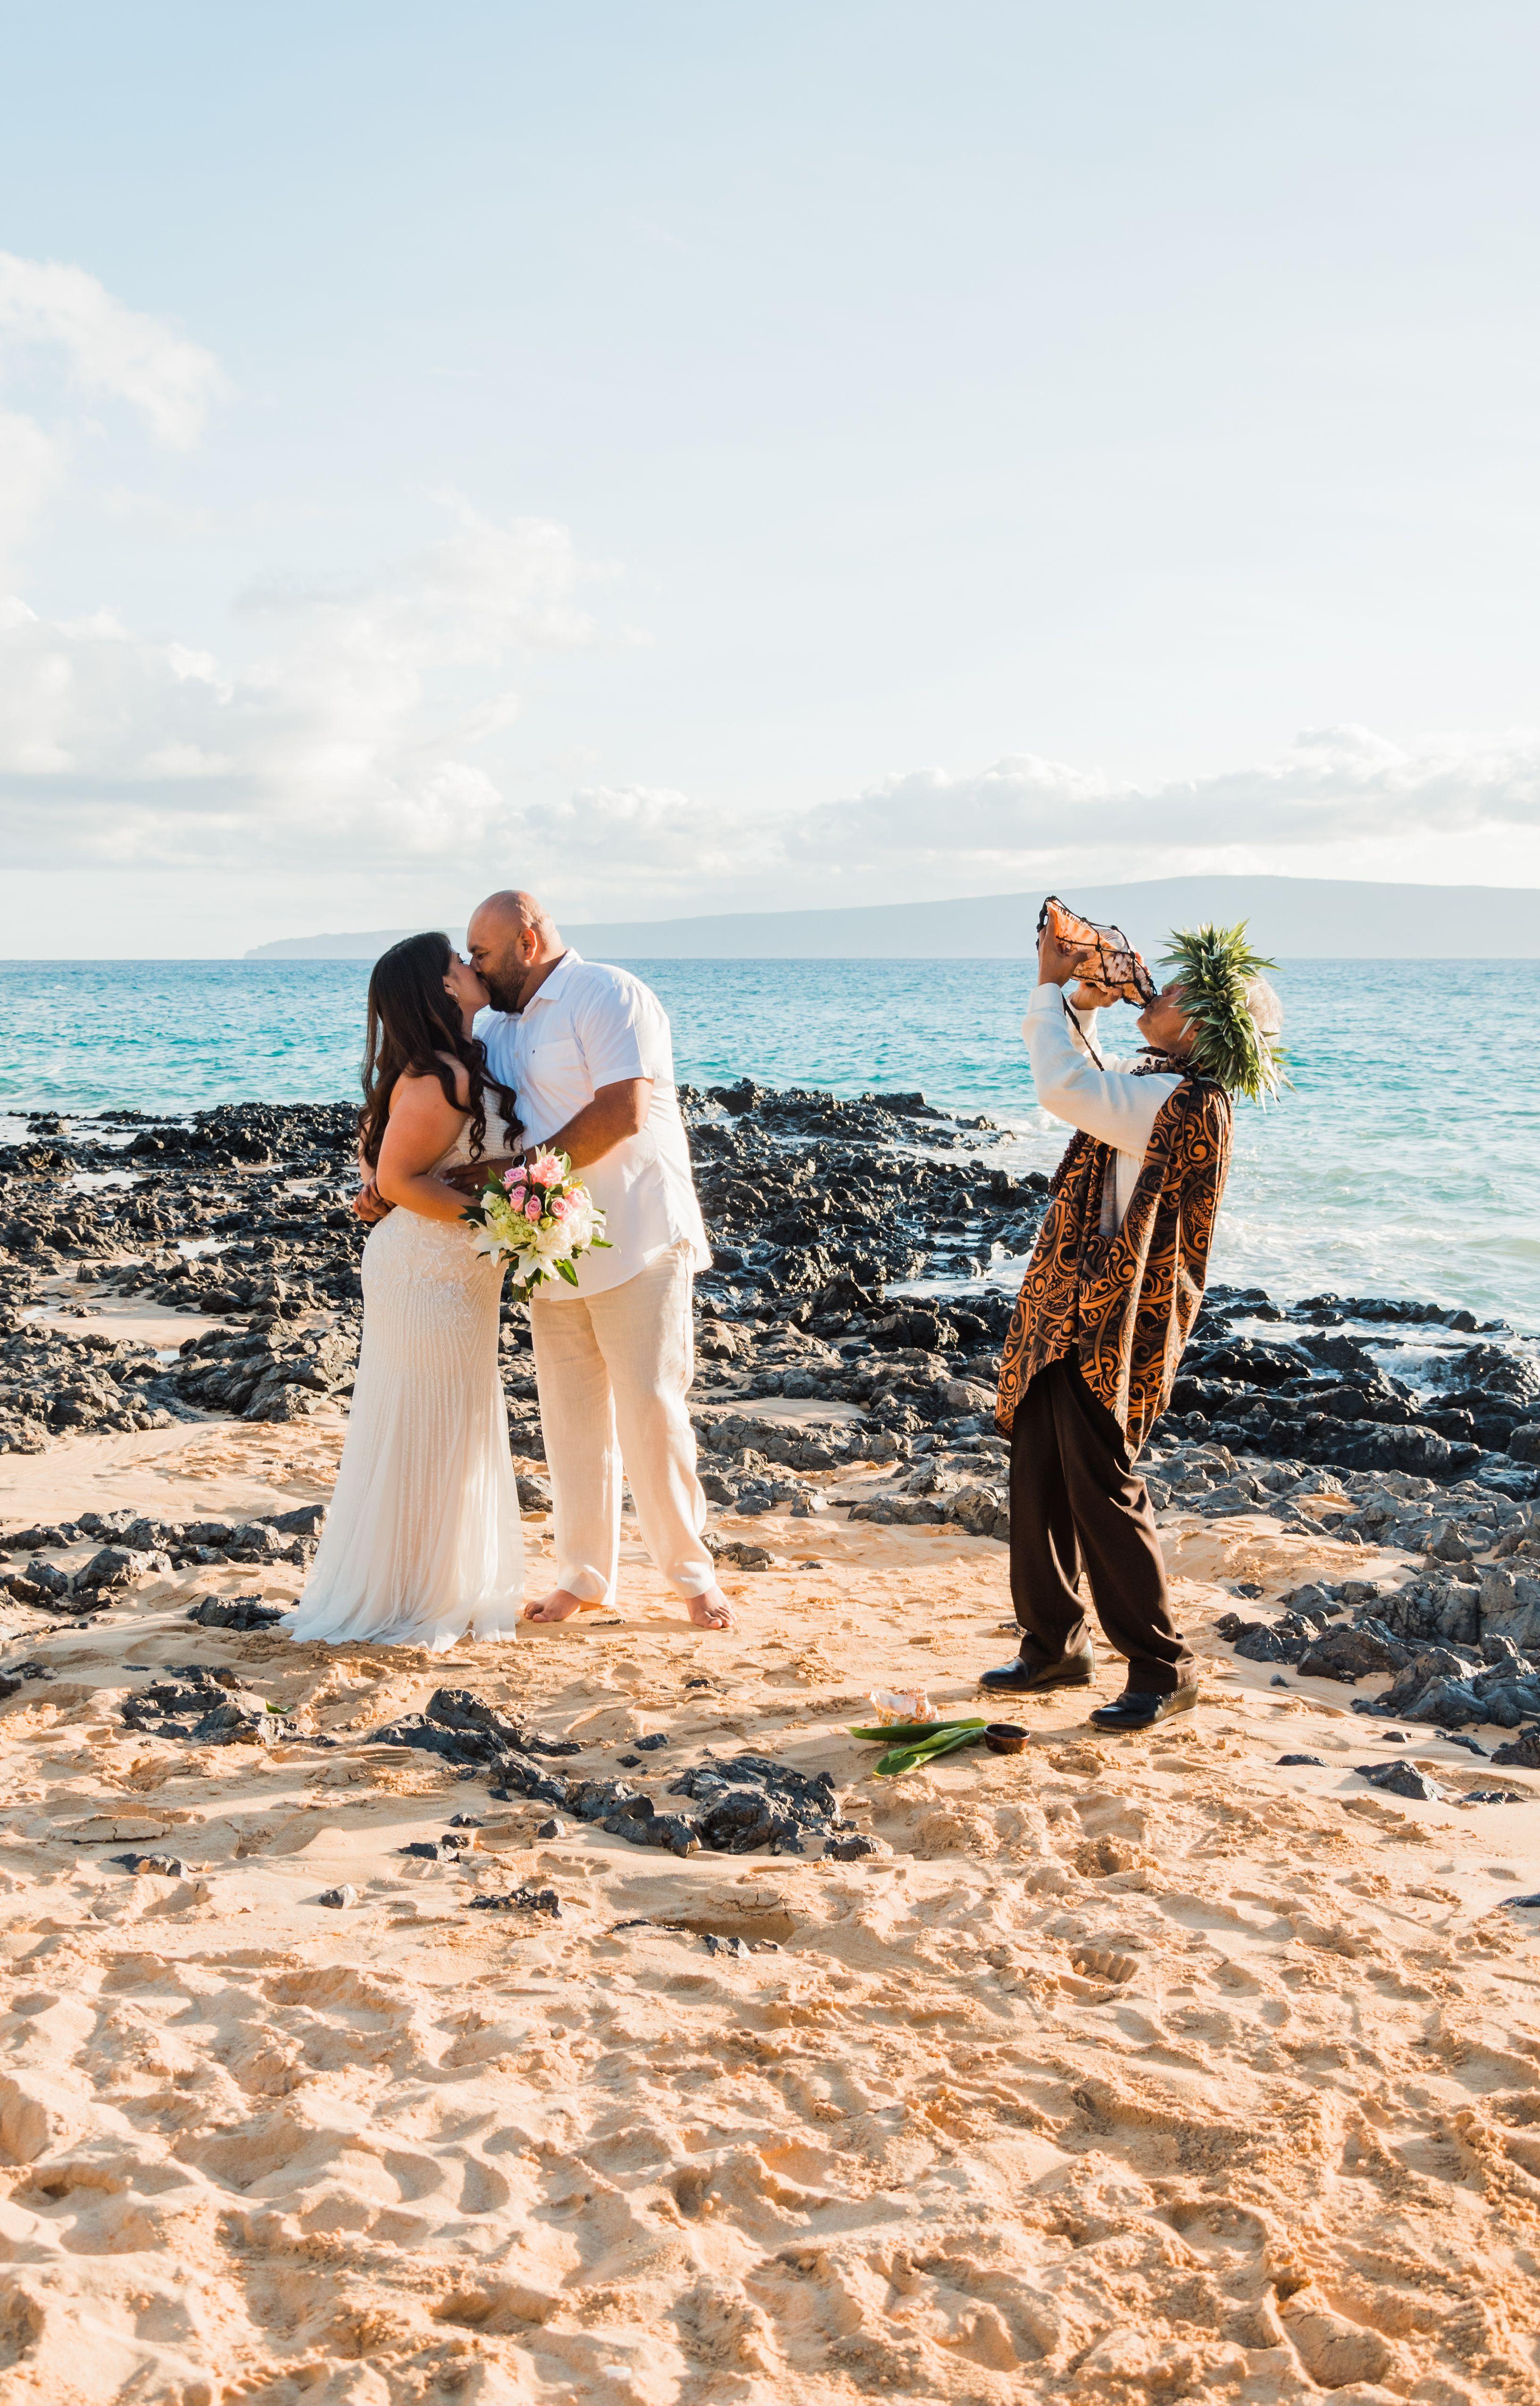 Hawaii Elopement Packages Elope In Hawaii The Easy Way Hawaii Elopement Hawaiian Wedding Dress Hawaiian Wedding [ 5101 x 3265 Pixel ]